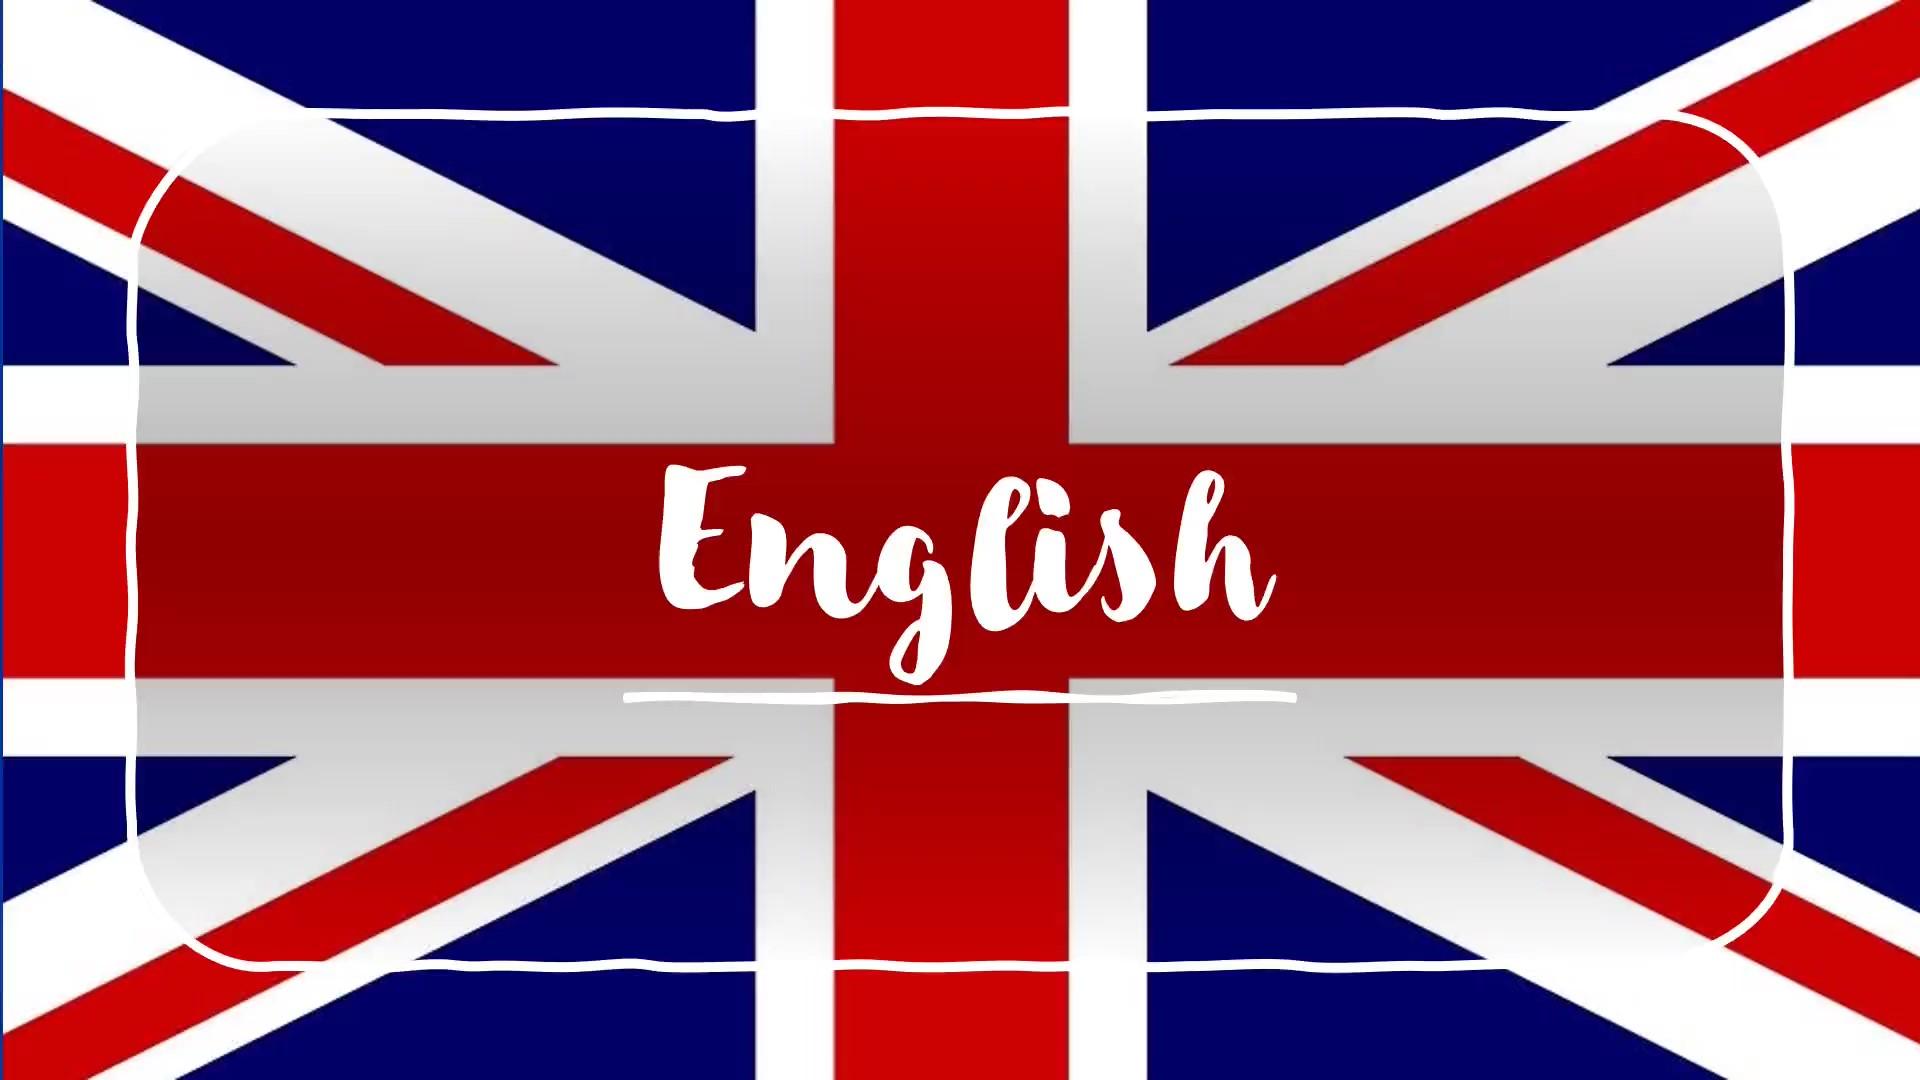 Englisch_TdoT_Moment